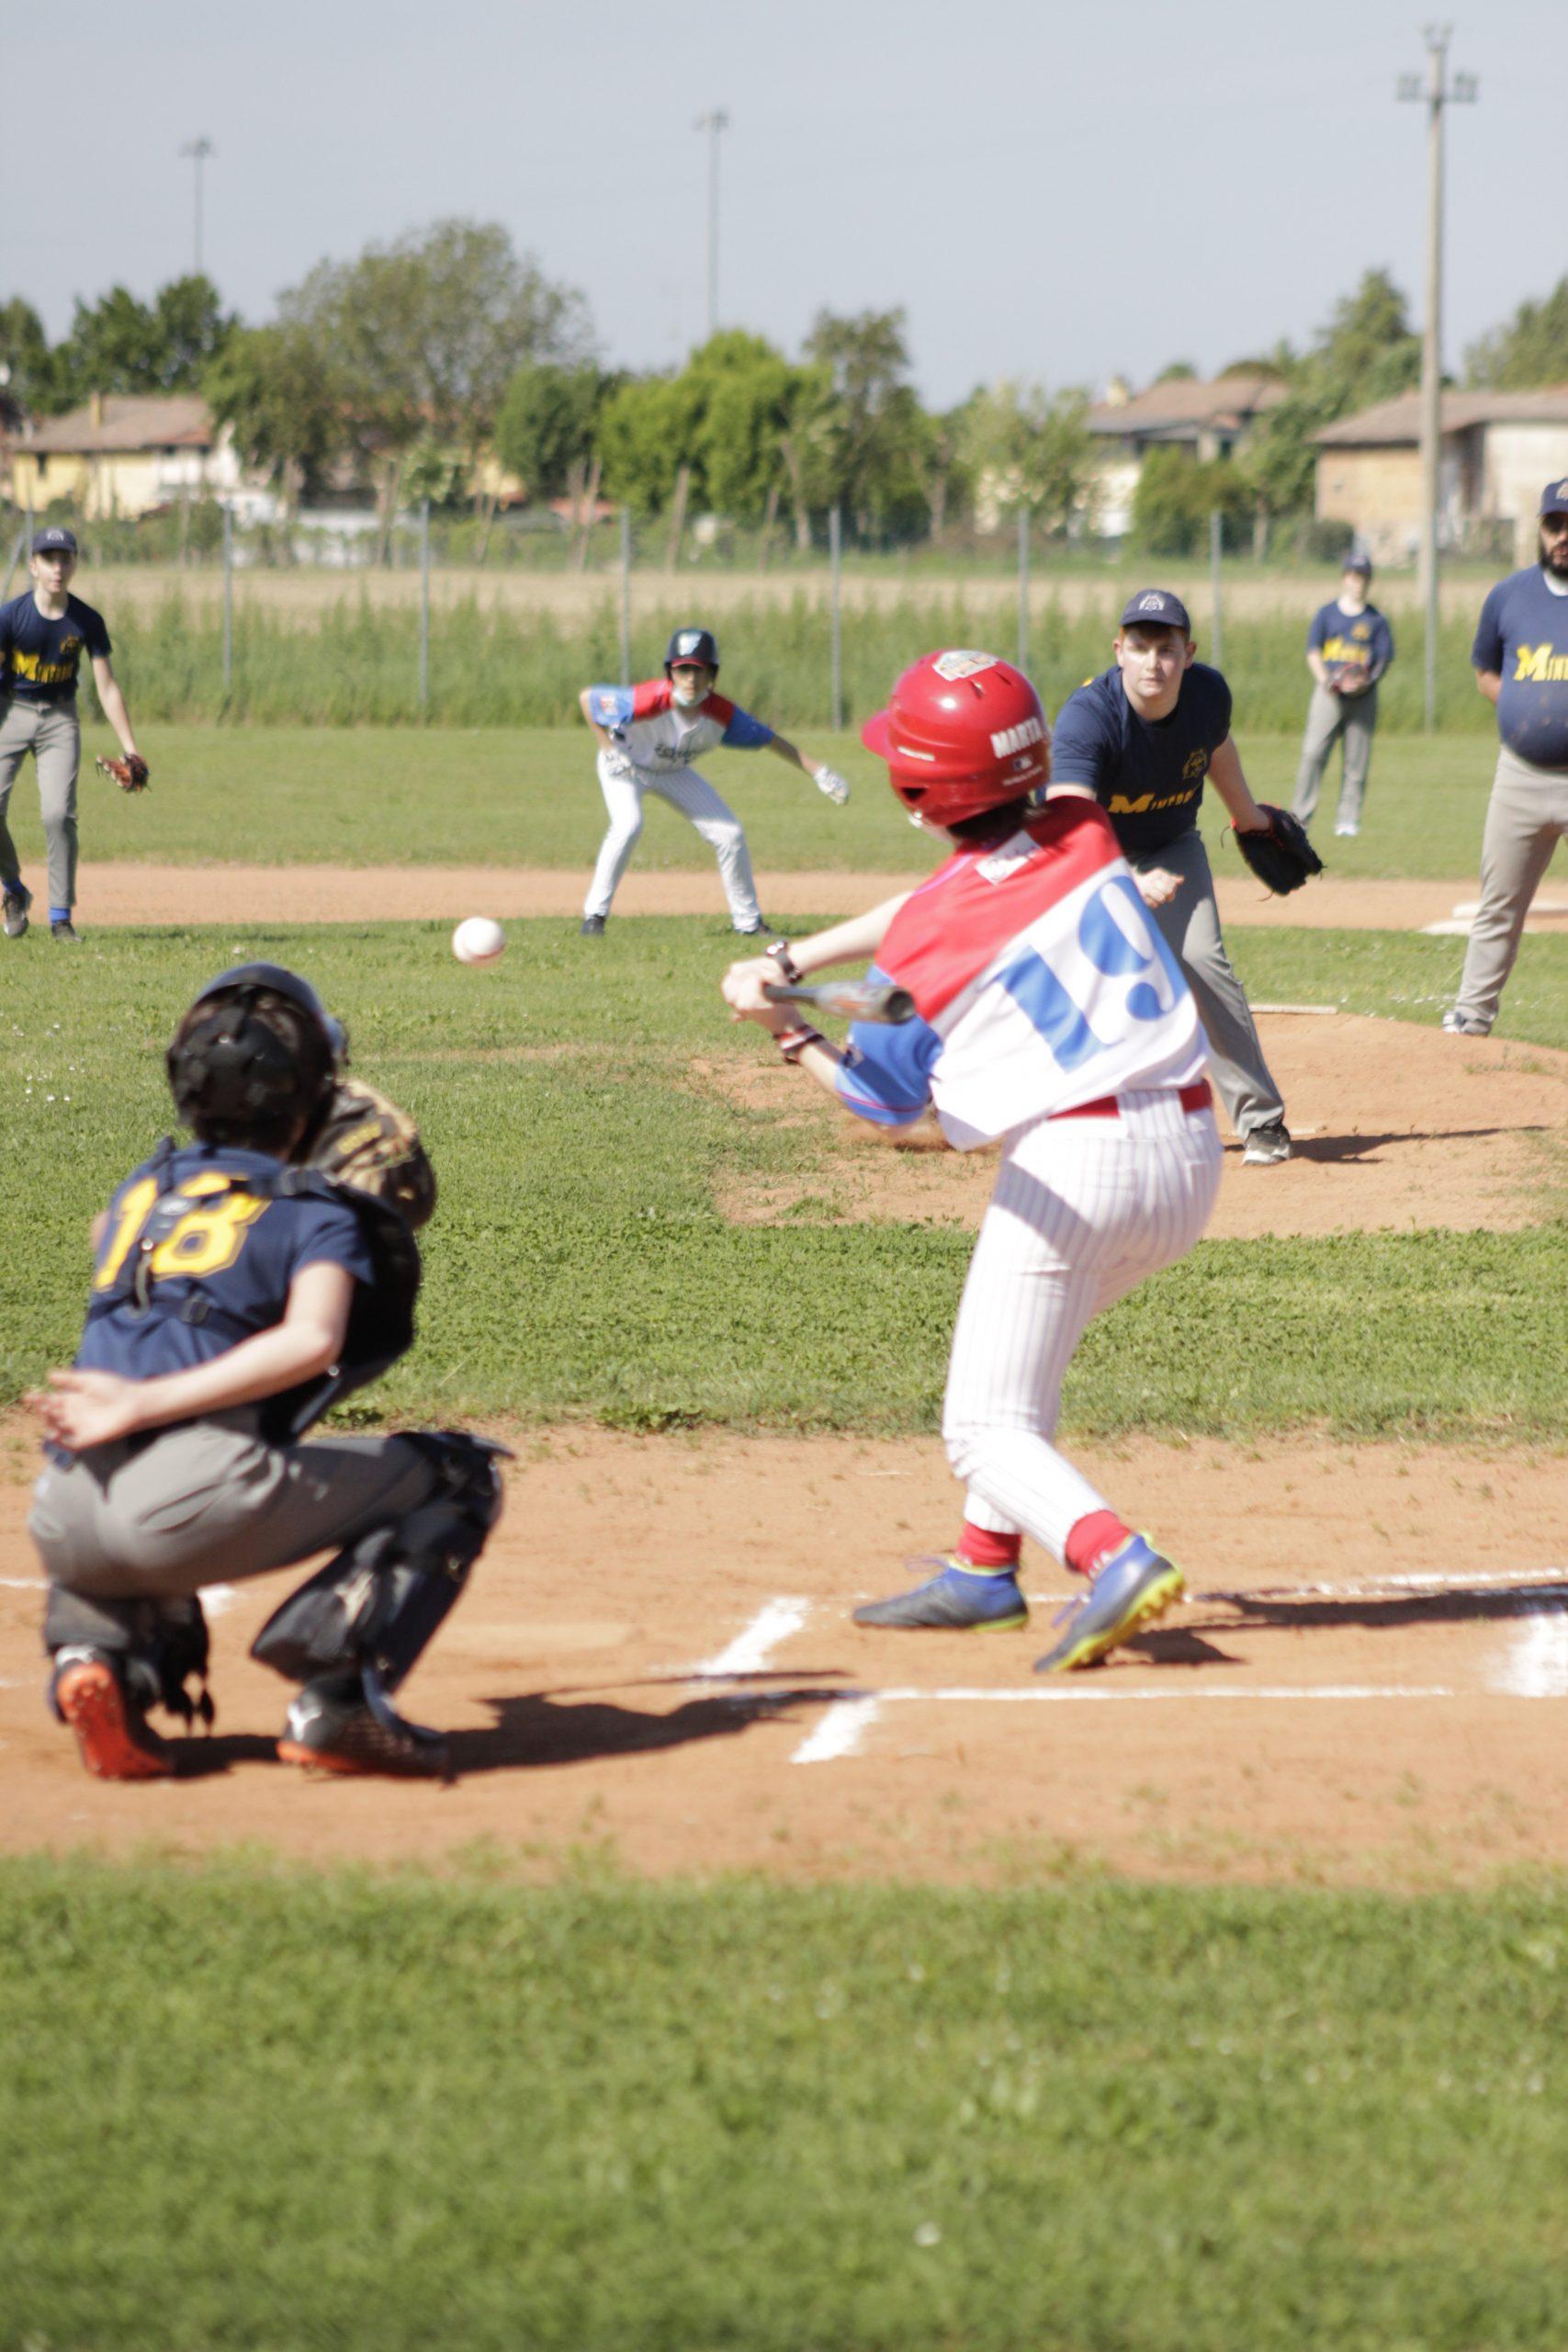 https://www.telestense.it/wp-content/uploads/2021/05/Baseball-21-Under14-2-scaled.jpg